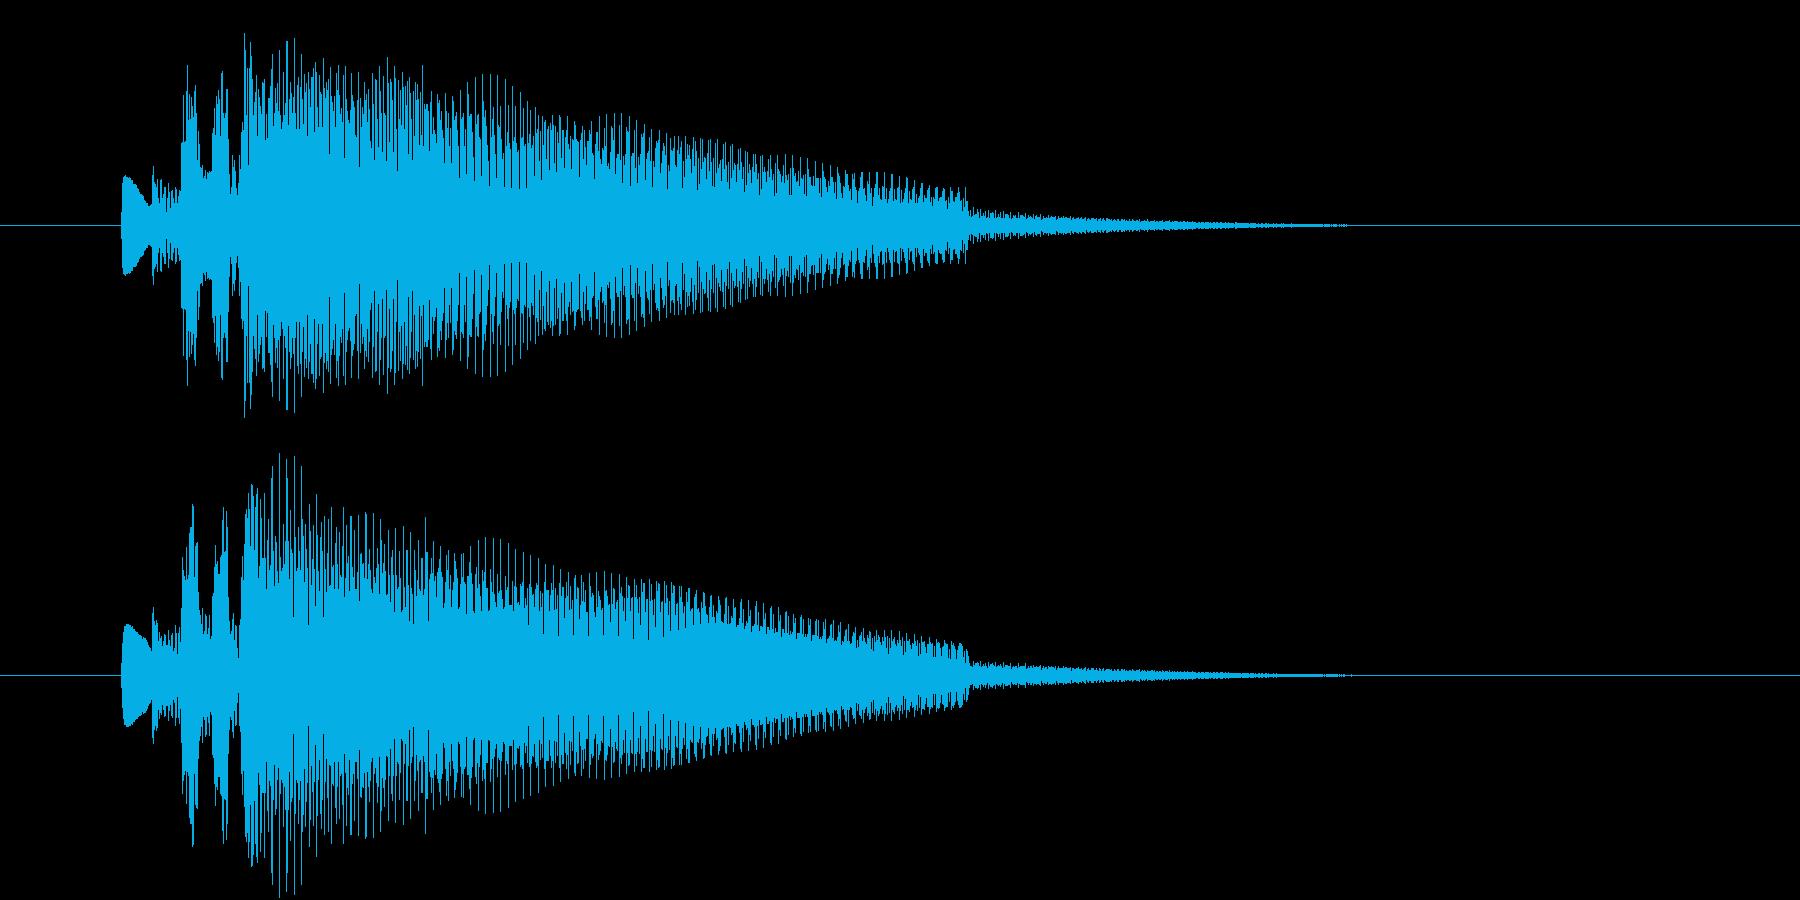 終わり、場面切り替え等を表現したジングルの再生済みの波形